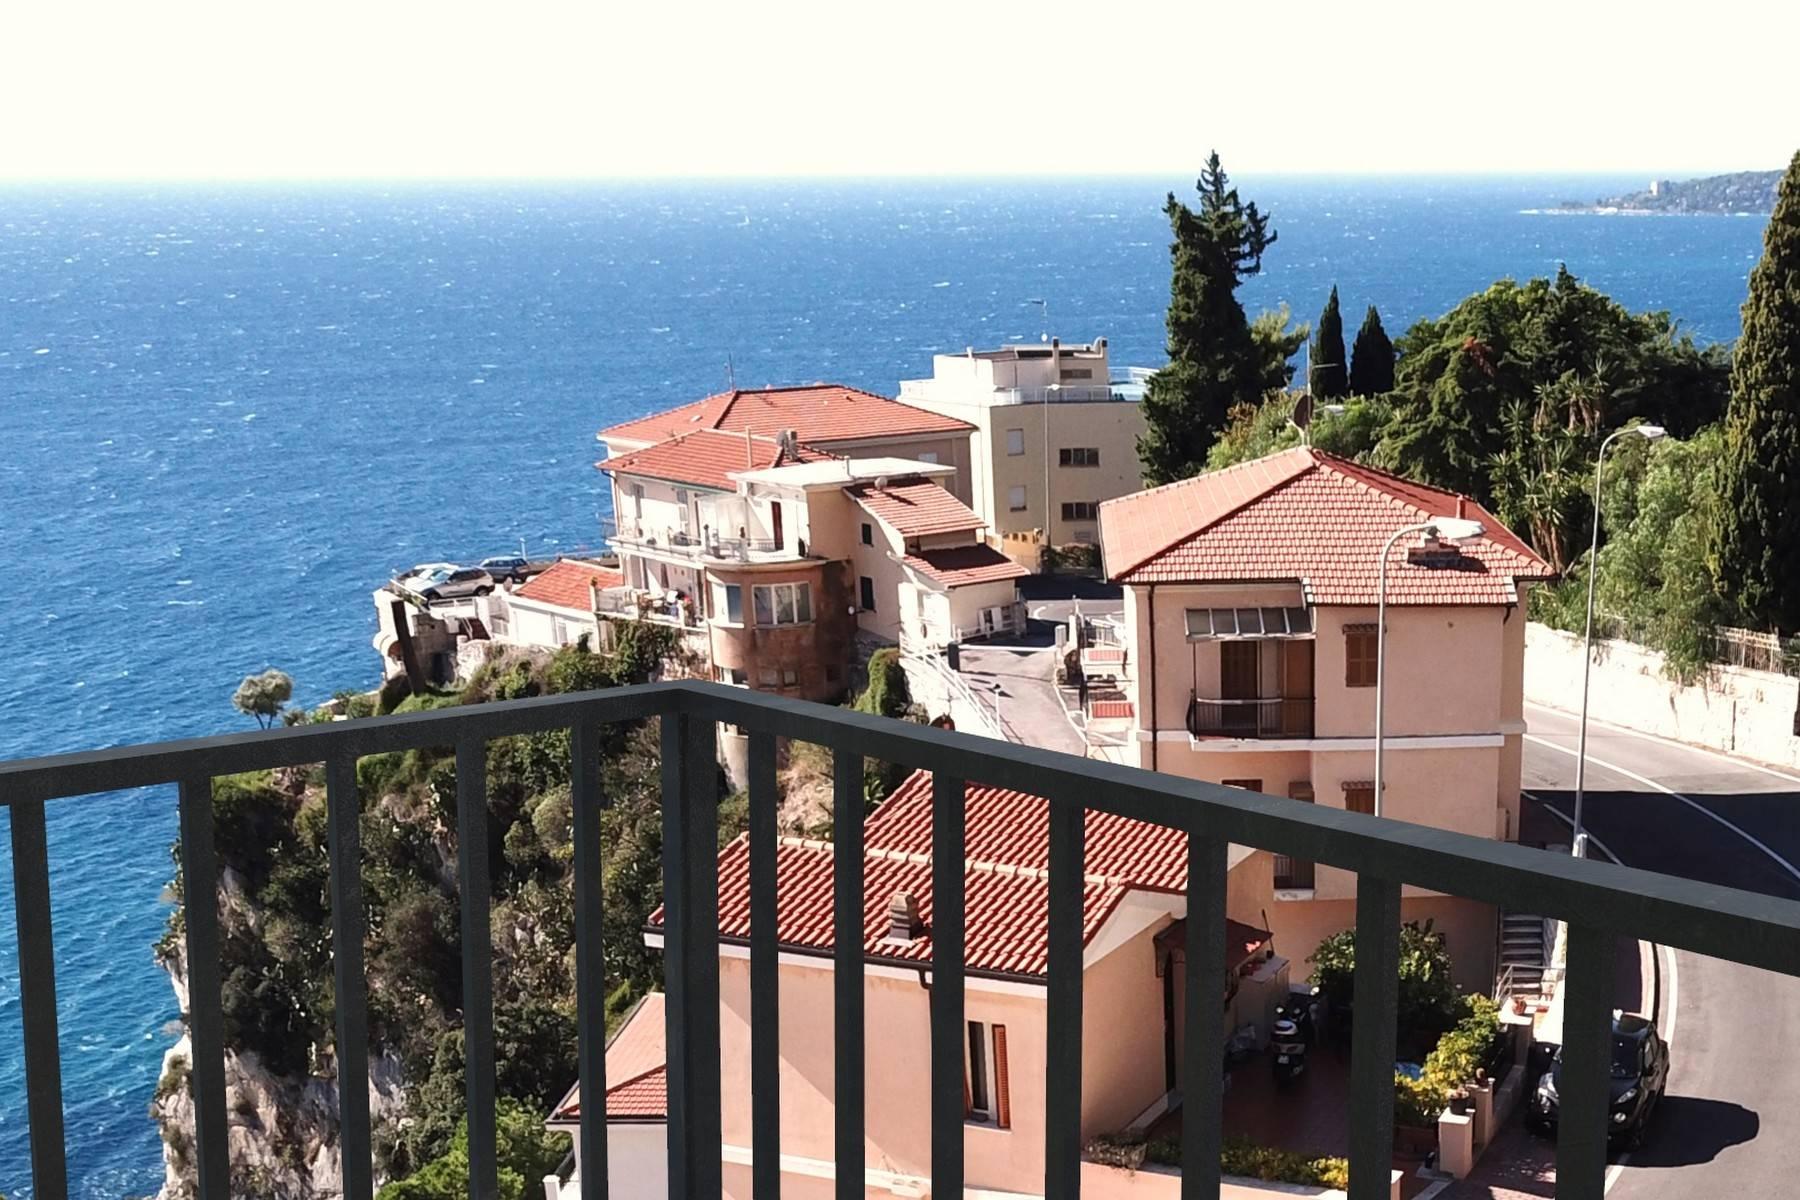 Appartamento in Vendita a Ventimiglia: 4 locali, 116 mq - Foto 4